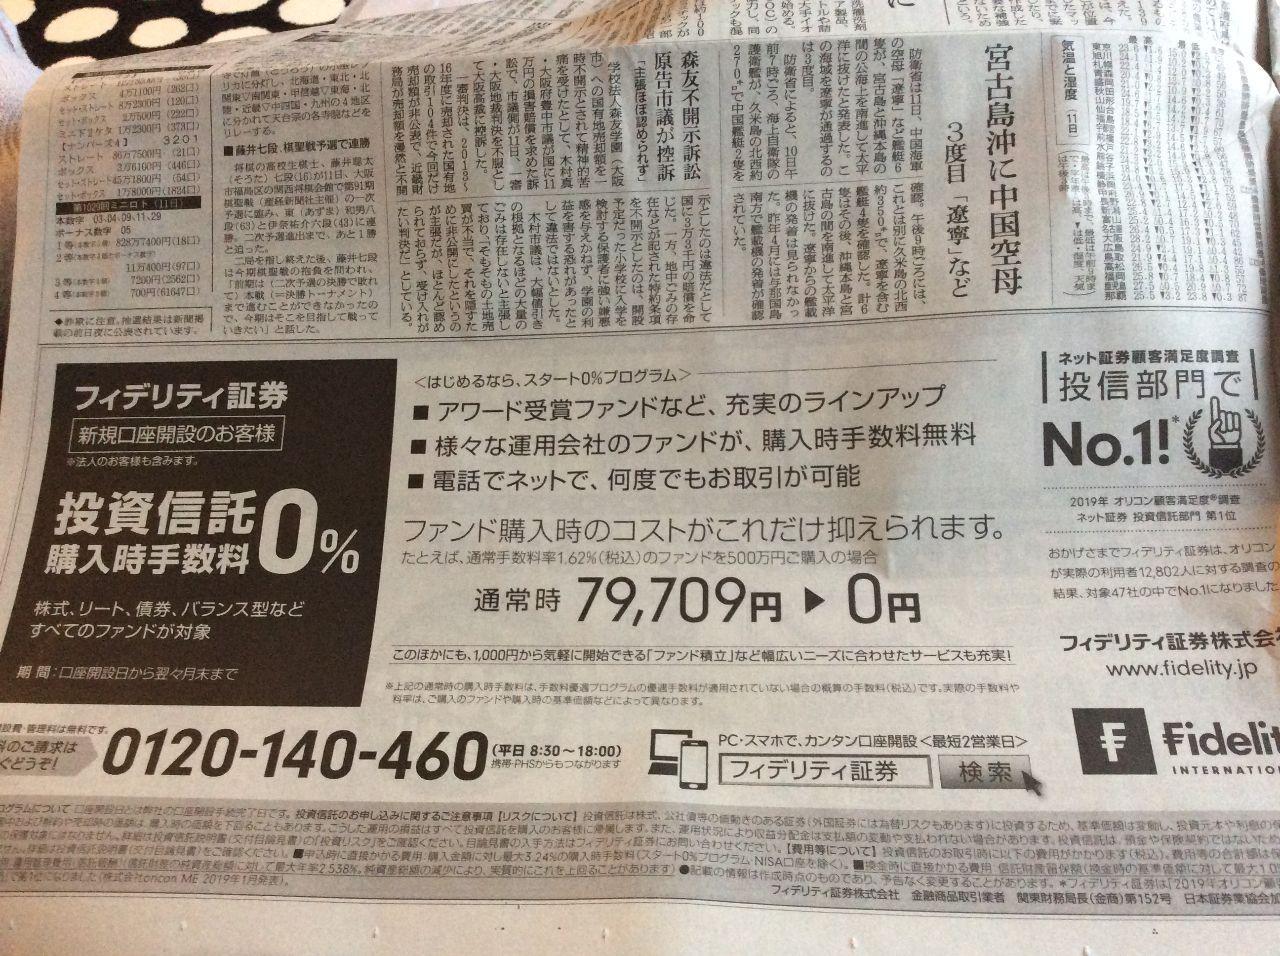 3231203C - フィデリティ・USリートB(H無) なりふり構わず?